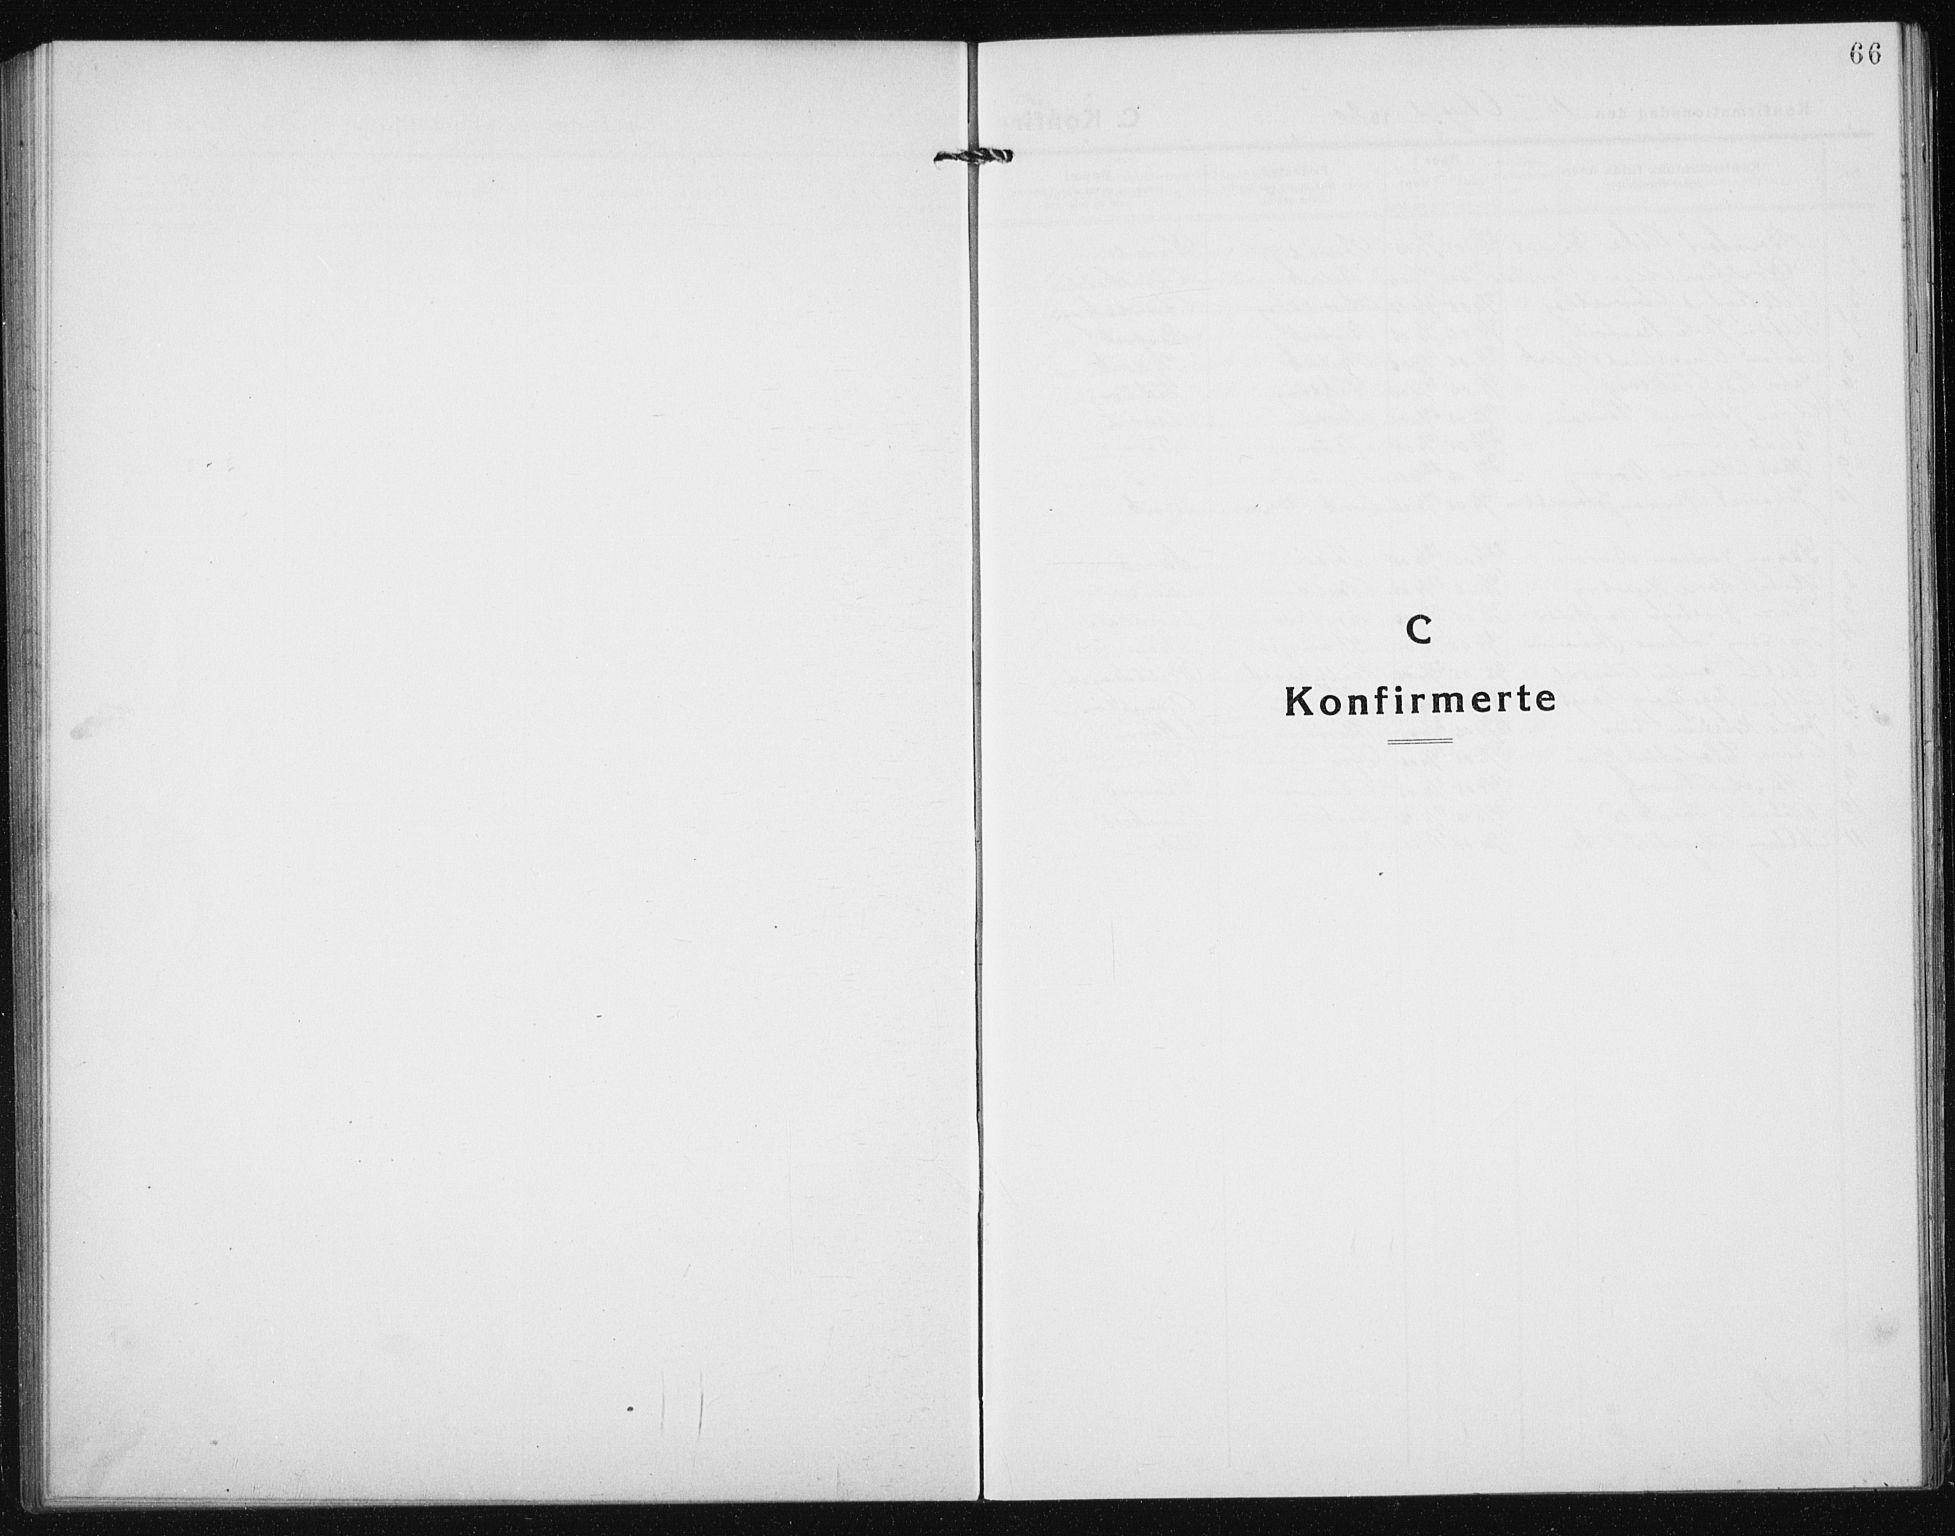 SAT, Ministerialprotokoller, klokkerbøker og fødselsregistre - Sør-Trøndelag, 635/L0554: Klokkerbok nr. 635C02, 1919-1942, s. 66